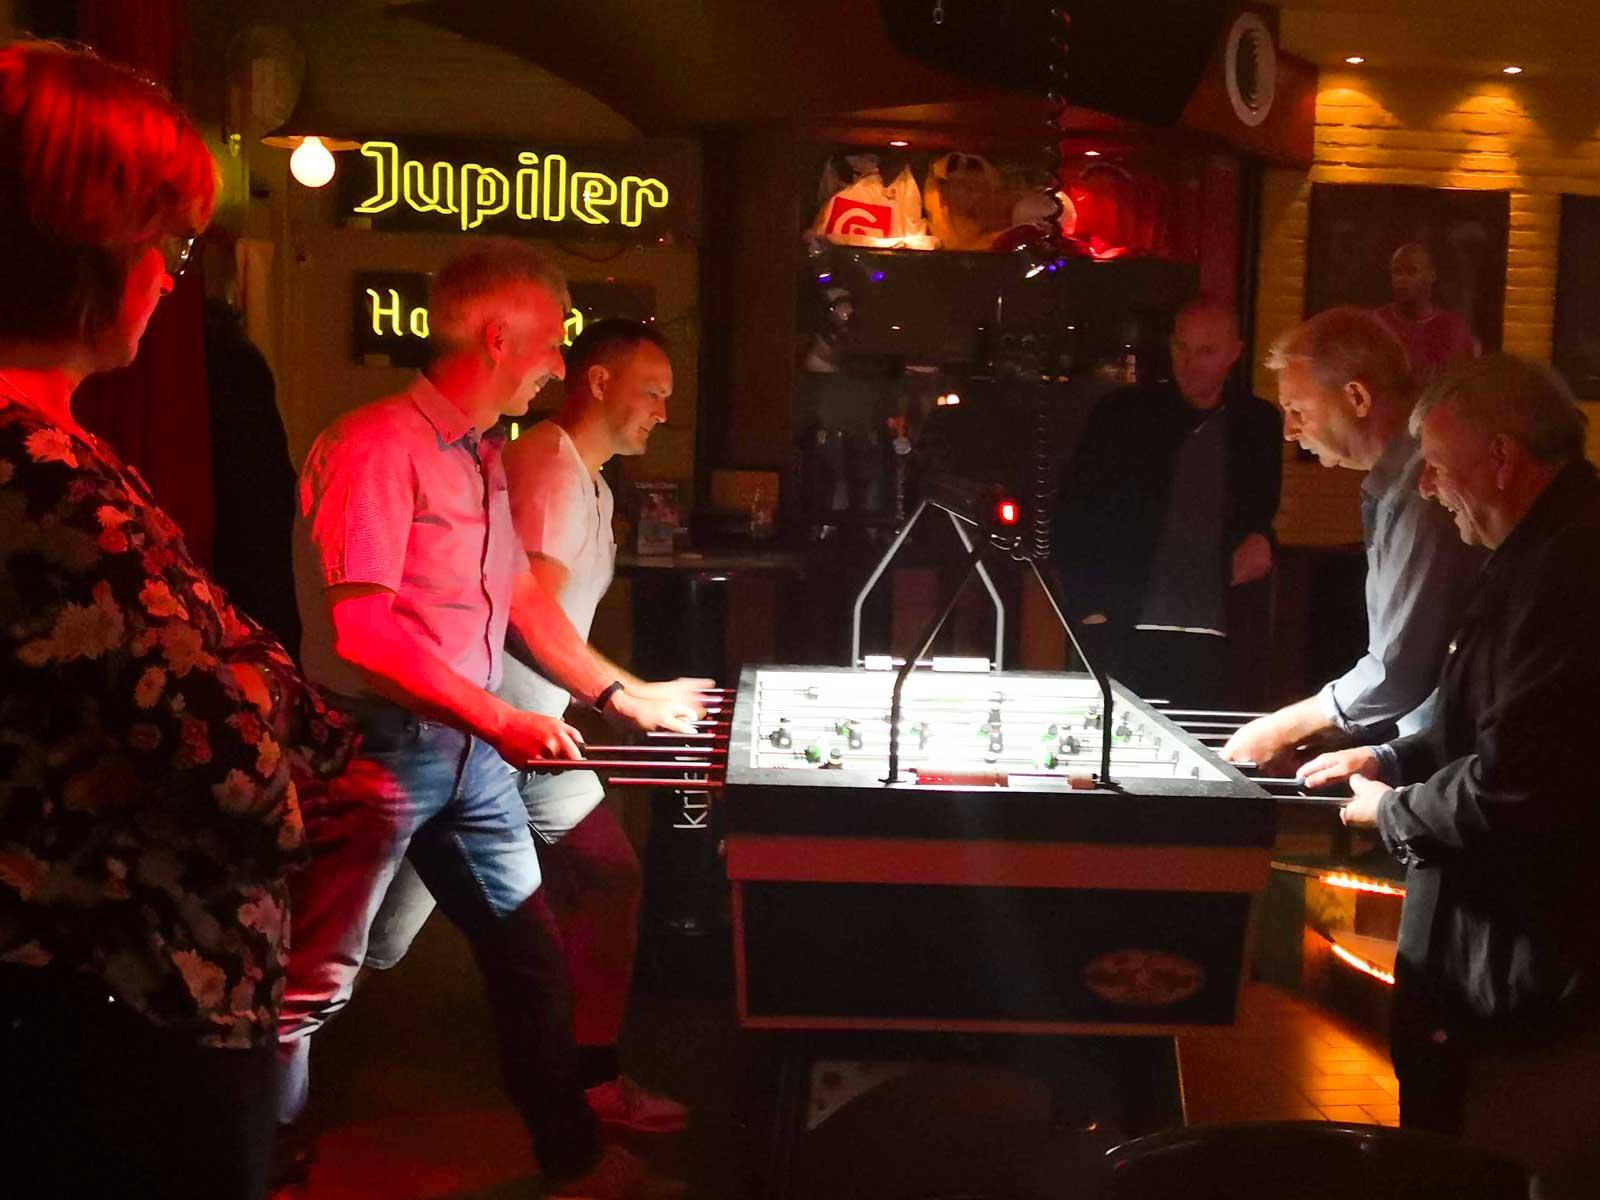 Bordsfotboll är en stor sport på barerna i Belgien.